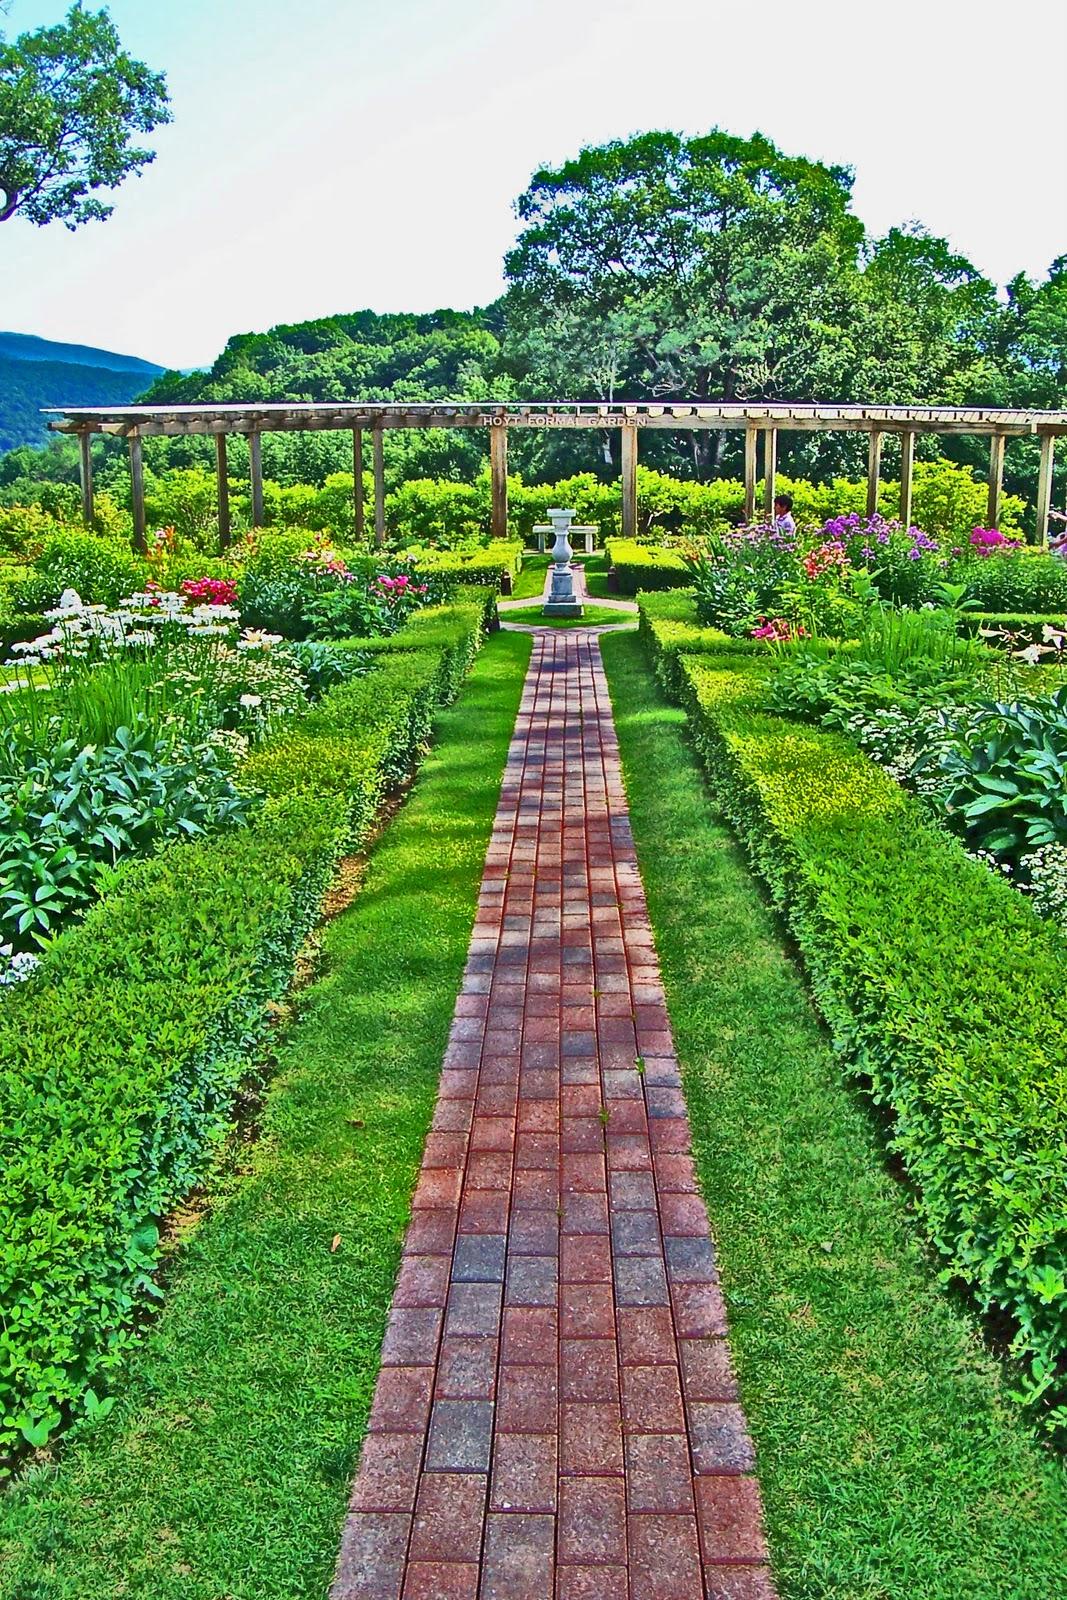 http://4.bp.blogspot.com/_aKts7xRm9LQ/TS-ZuGfiOkI/AAAAAAAABGc/j0Gy5h9Ti1k/s1600/Garden%2BHDR.jpg